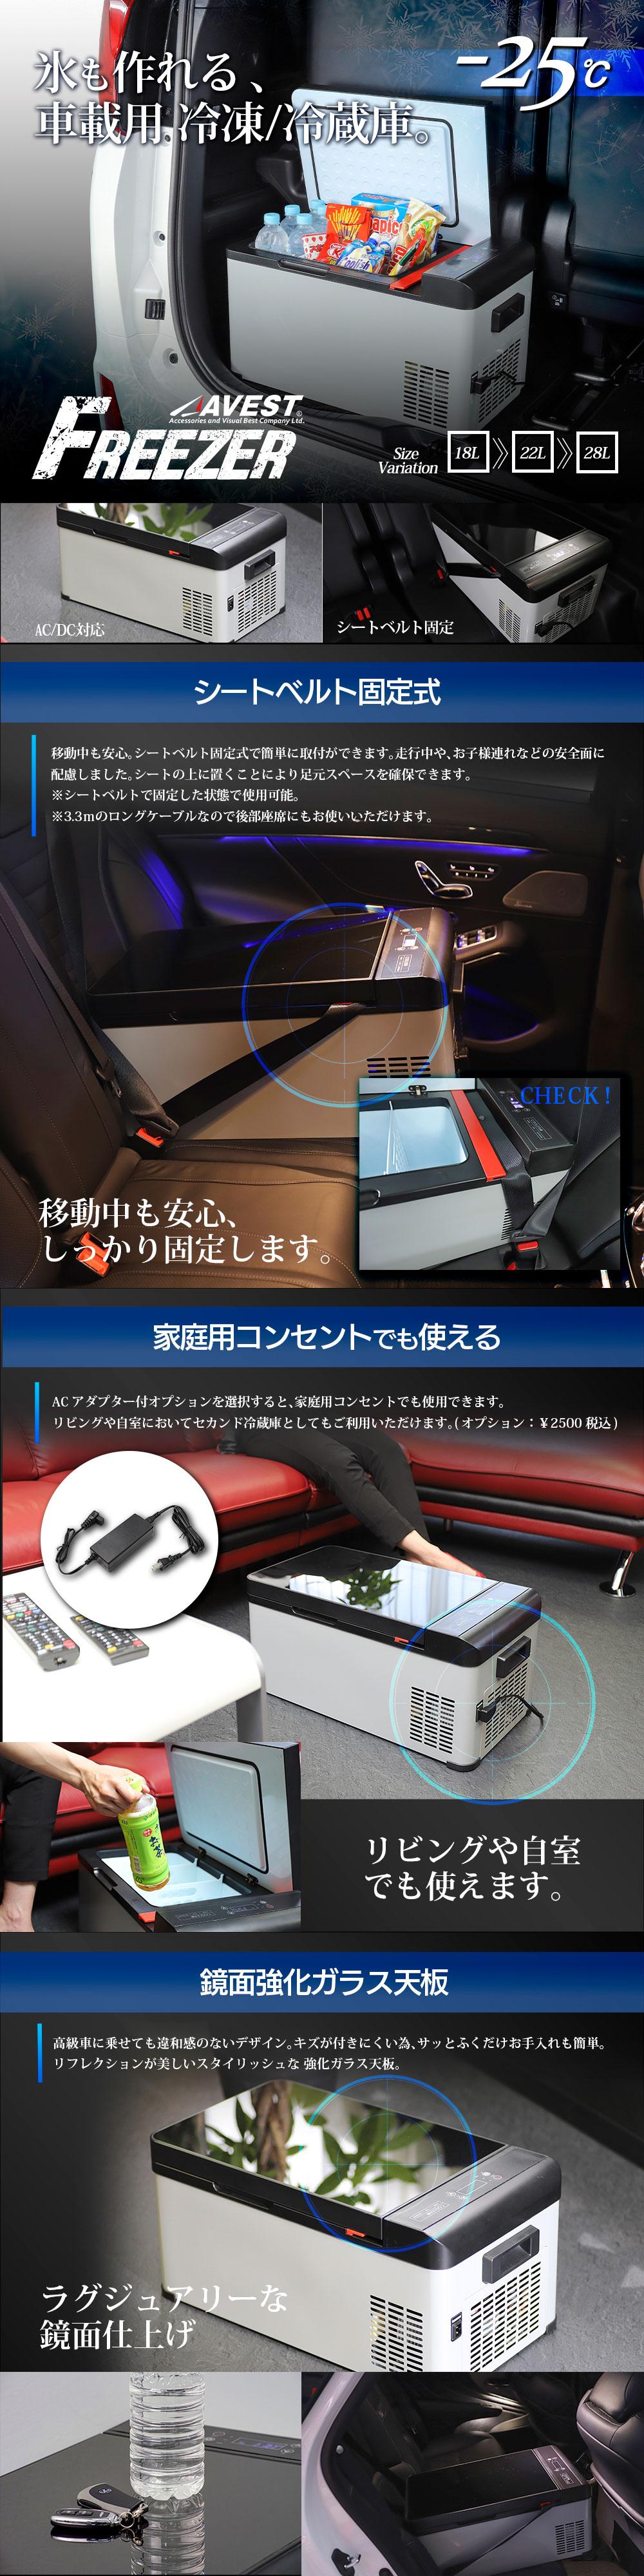 シートベルト固定式ポータブル冷凍冷蔵庫